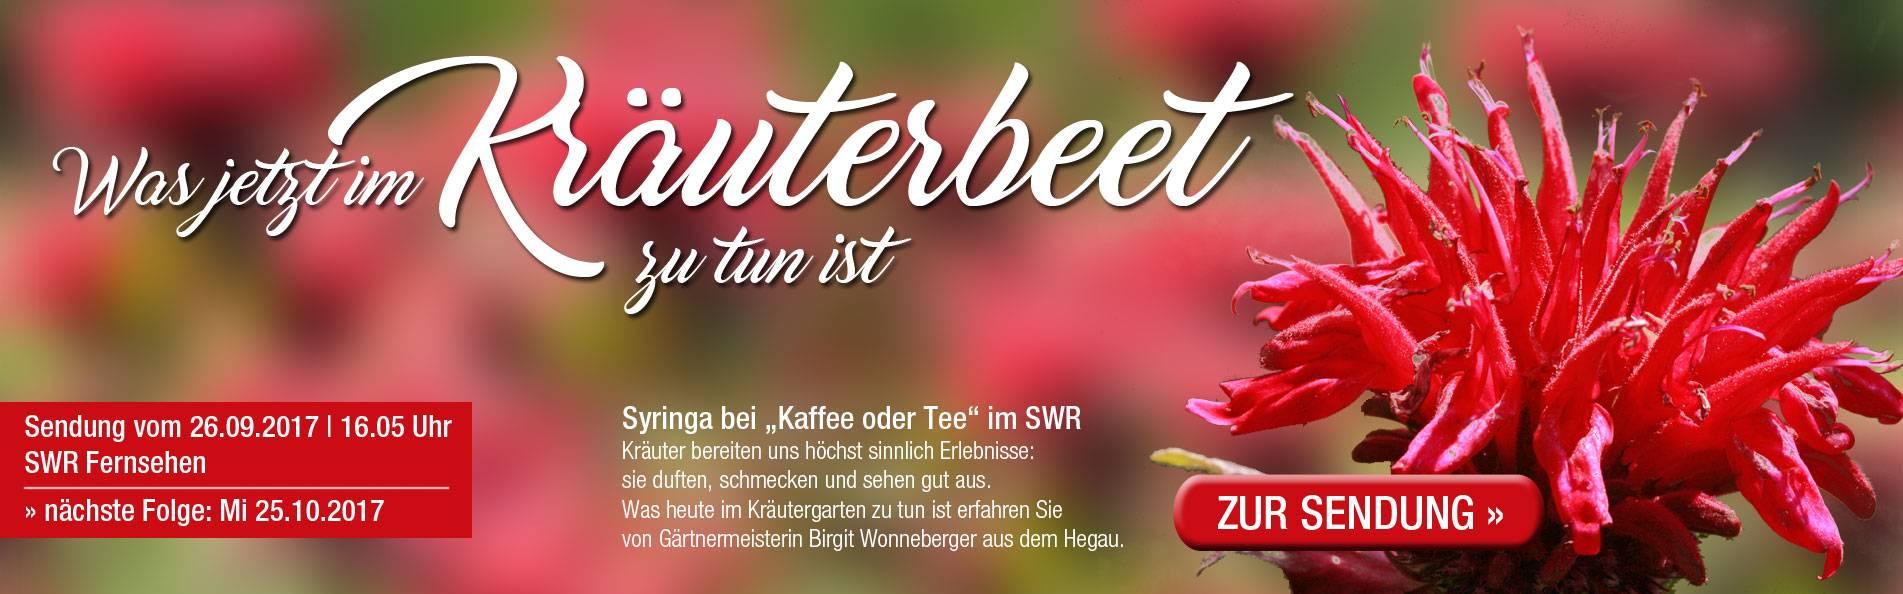 SWR_kraeuterbeet